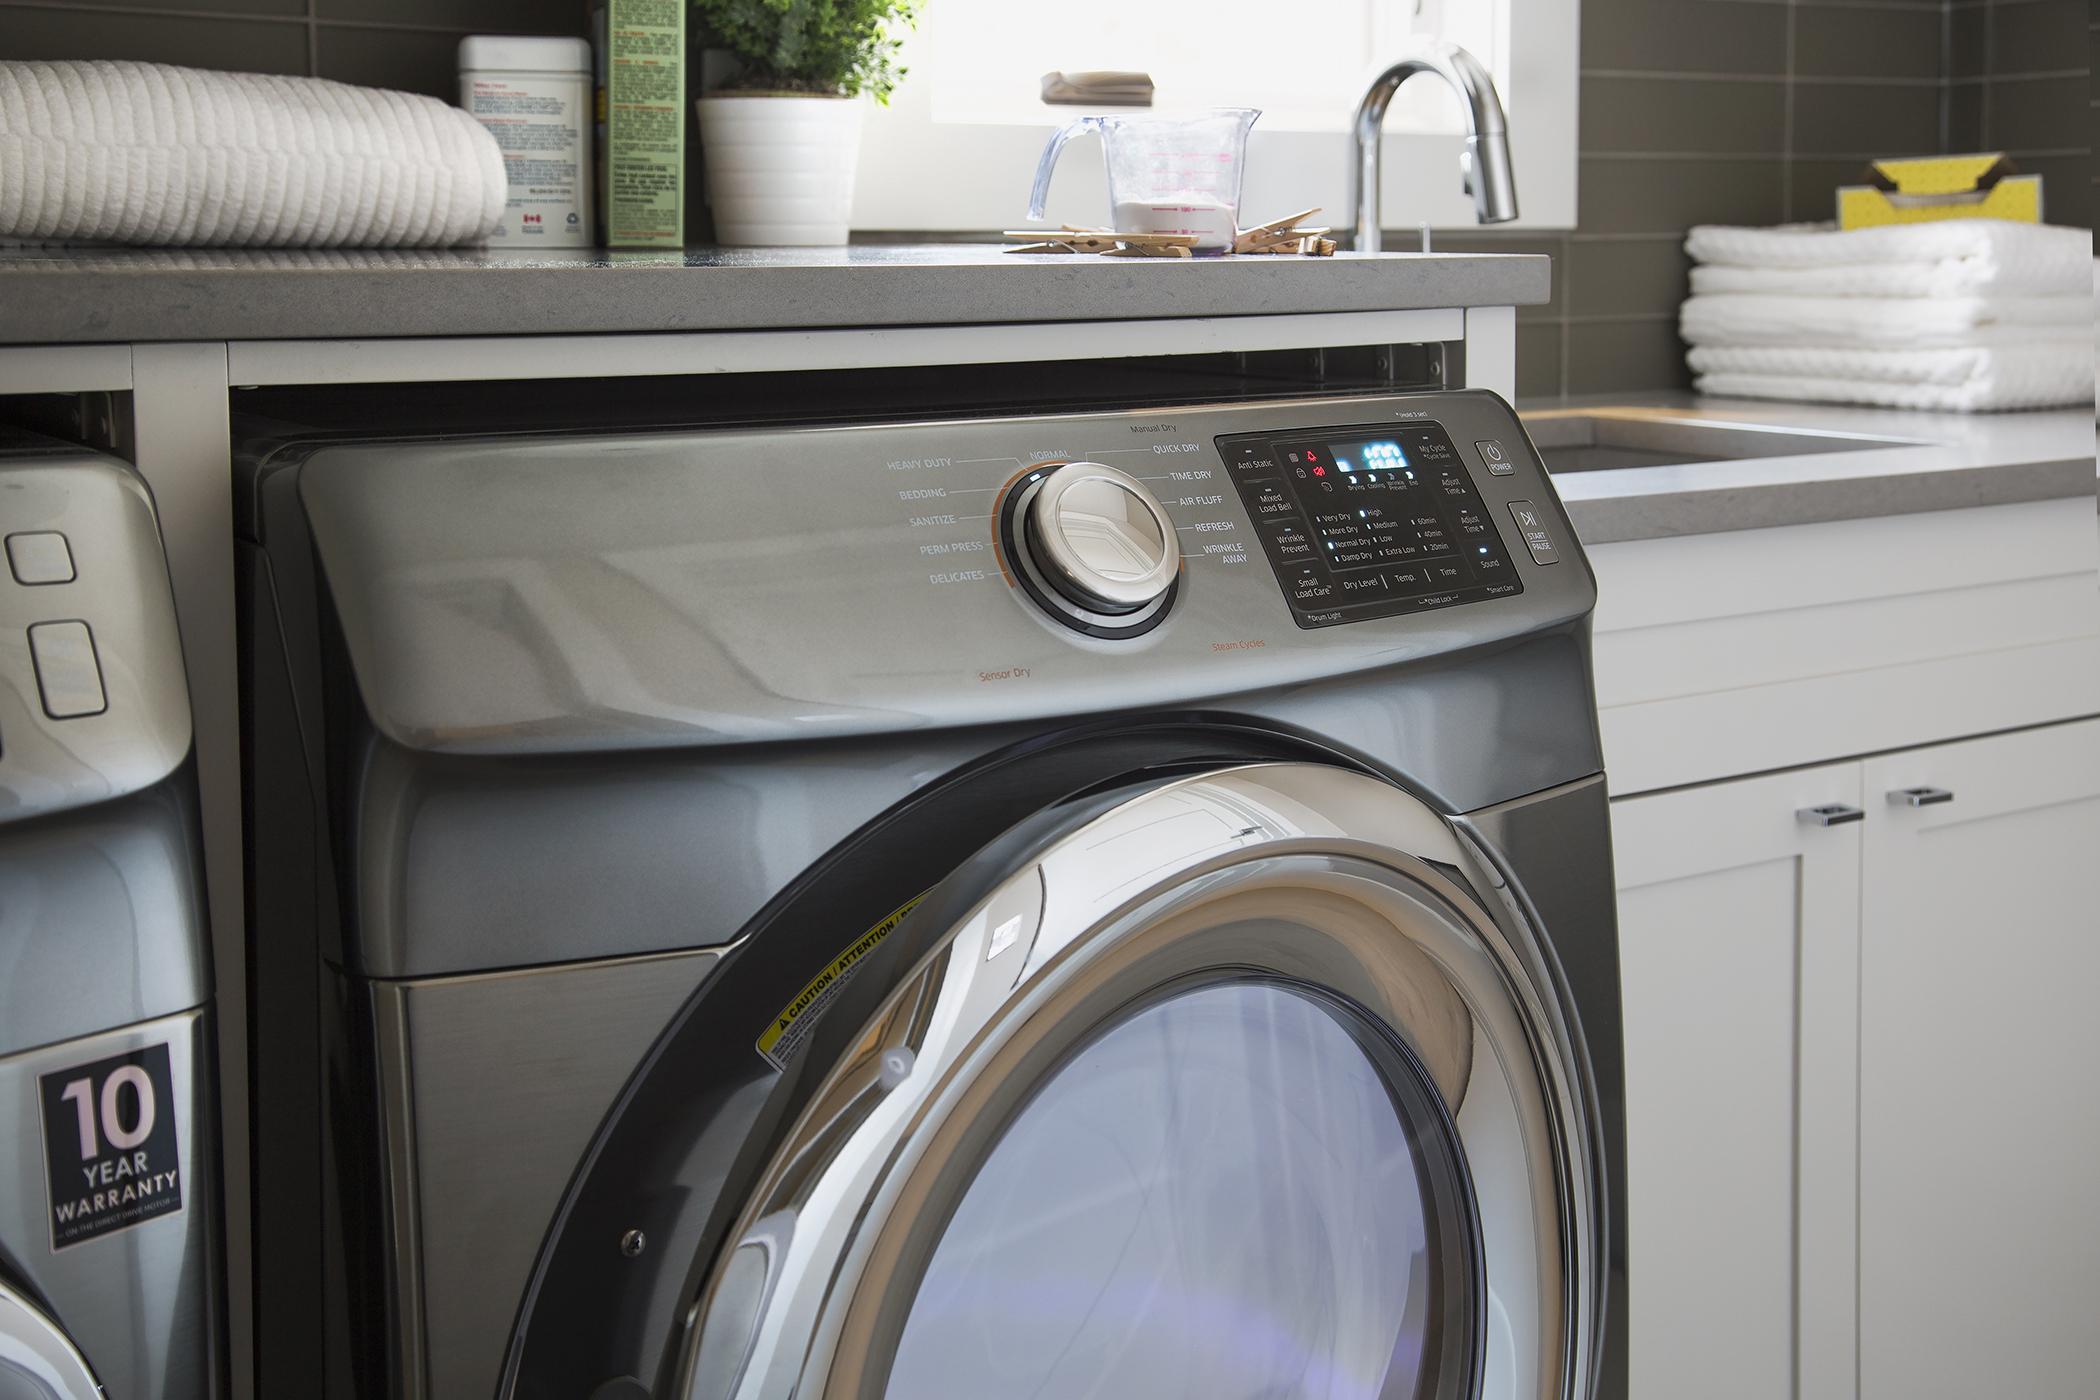 Appliances on sale